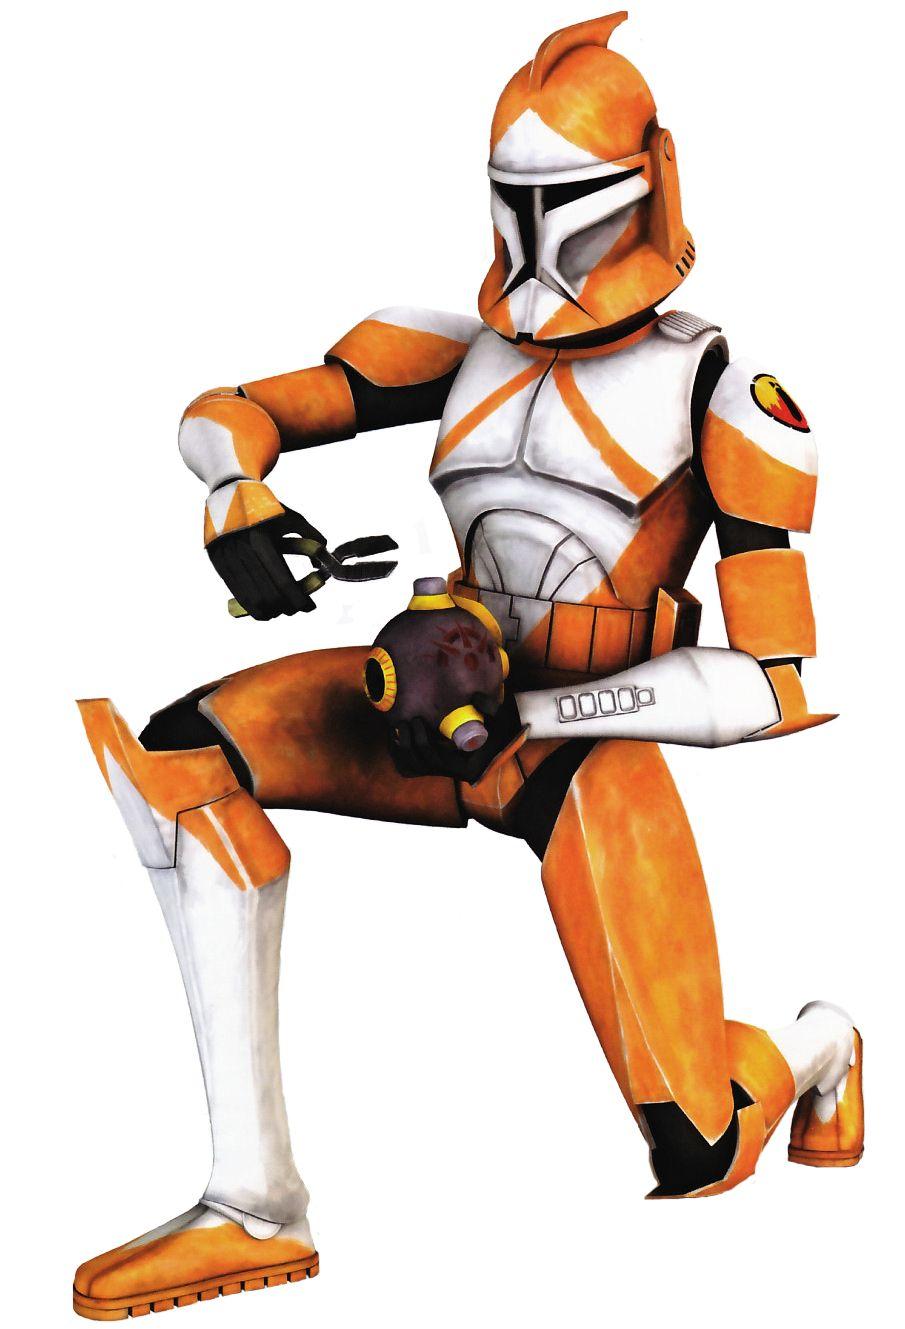 Star Wars Galactic Heroes Phase 1 Orange Clone Trooper